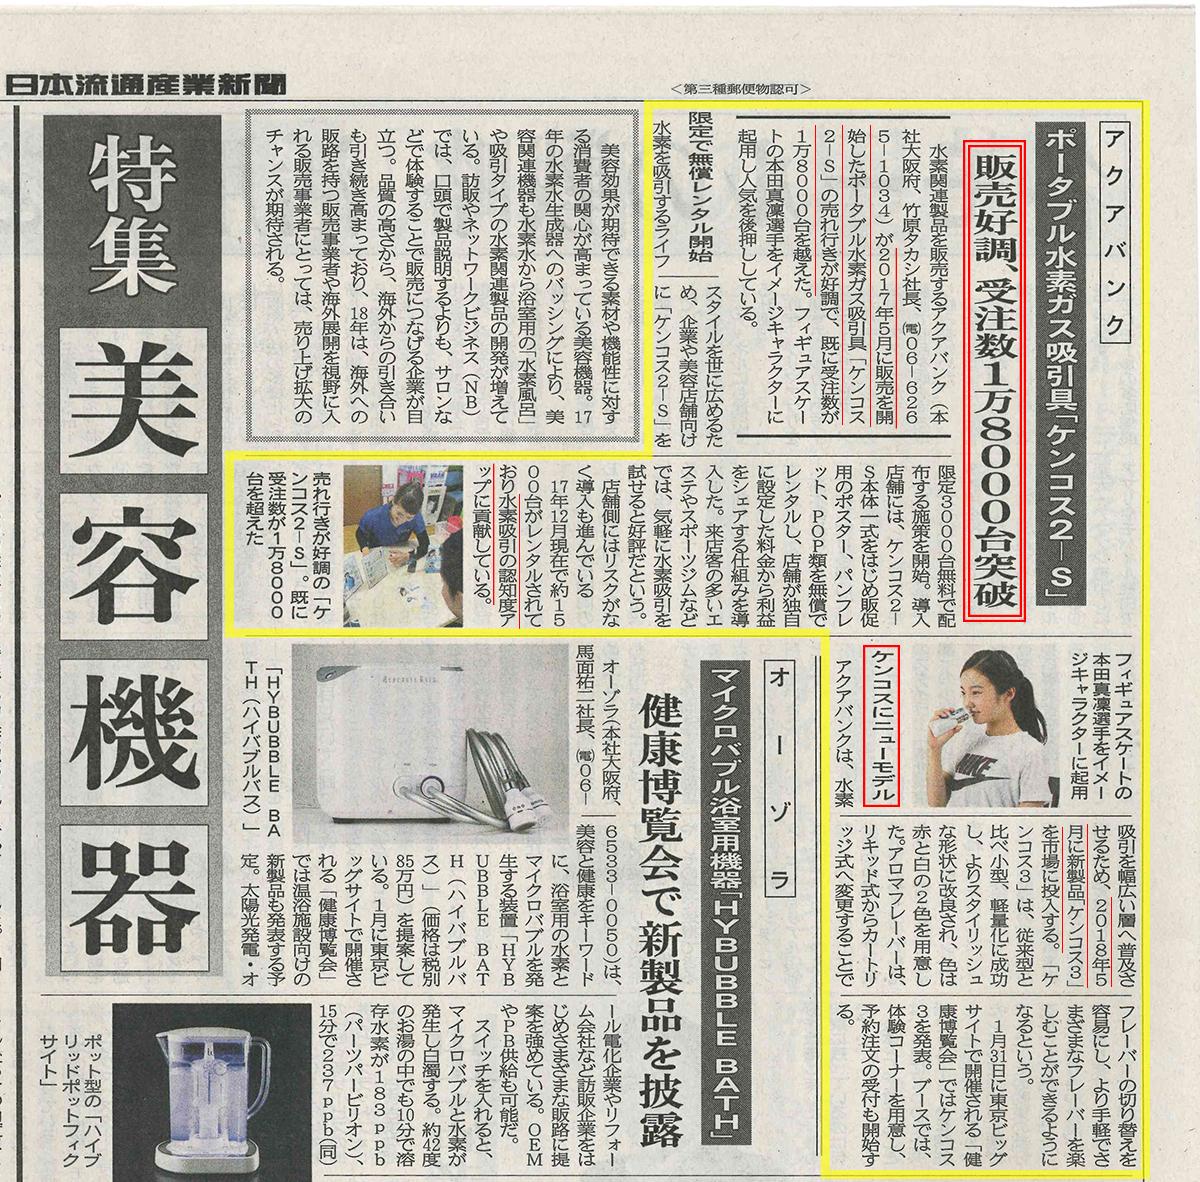 2018年1月11日発行の日本流通産業新聞より抜粋